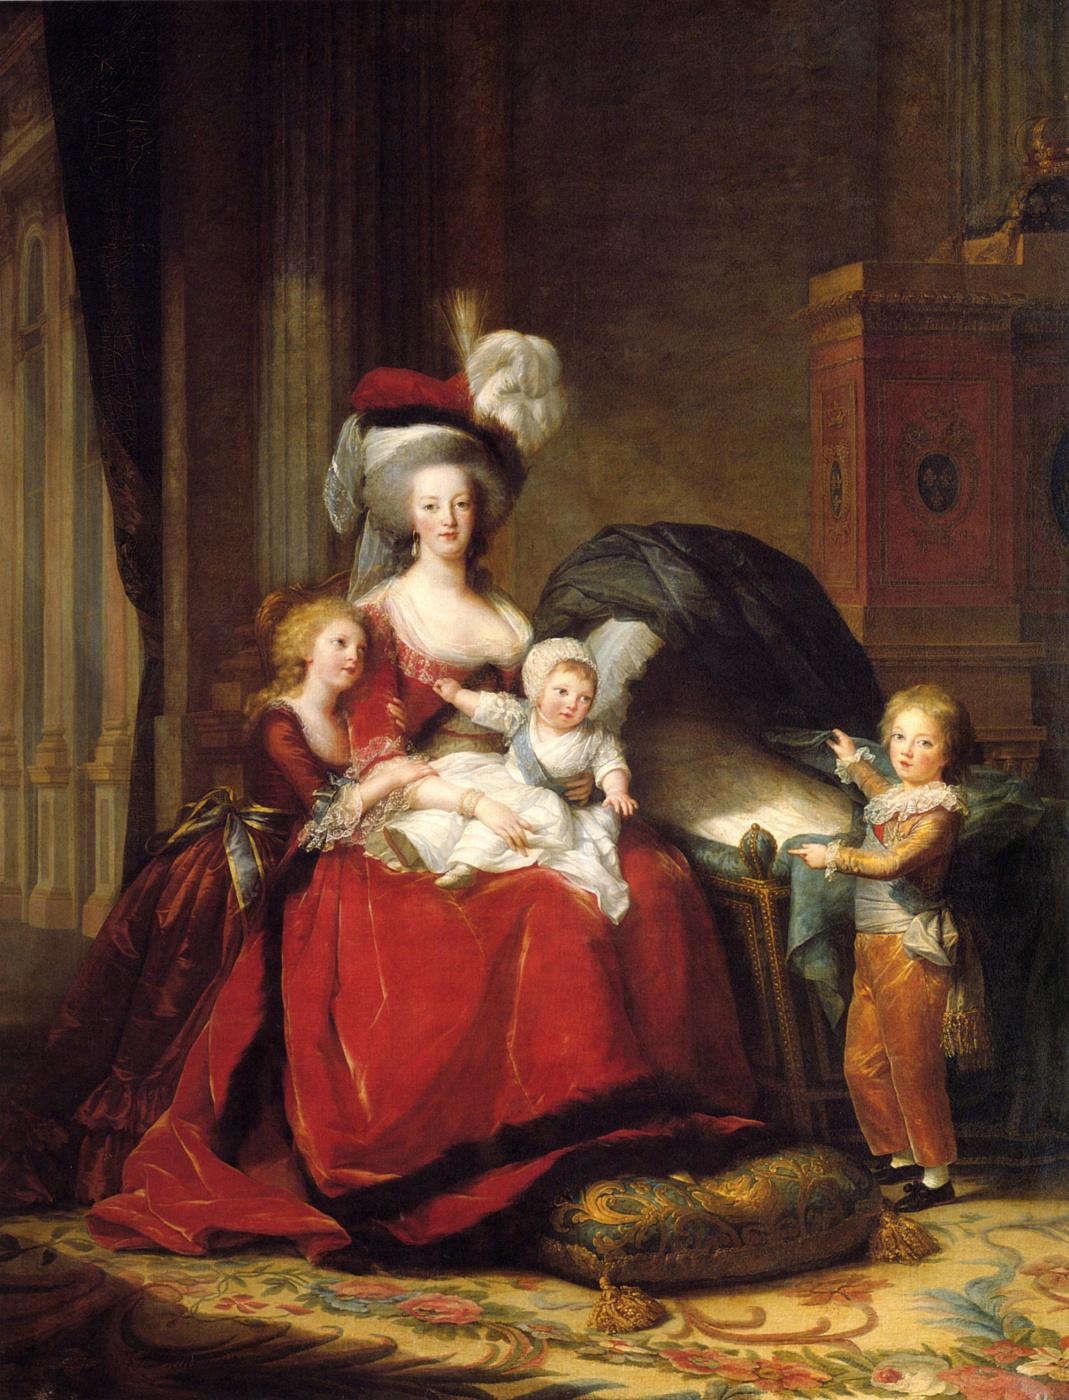 Elizabeth Vigee Le Brun. Marie-Antoinette and her children